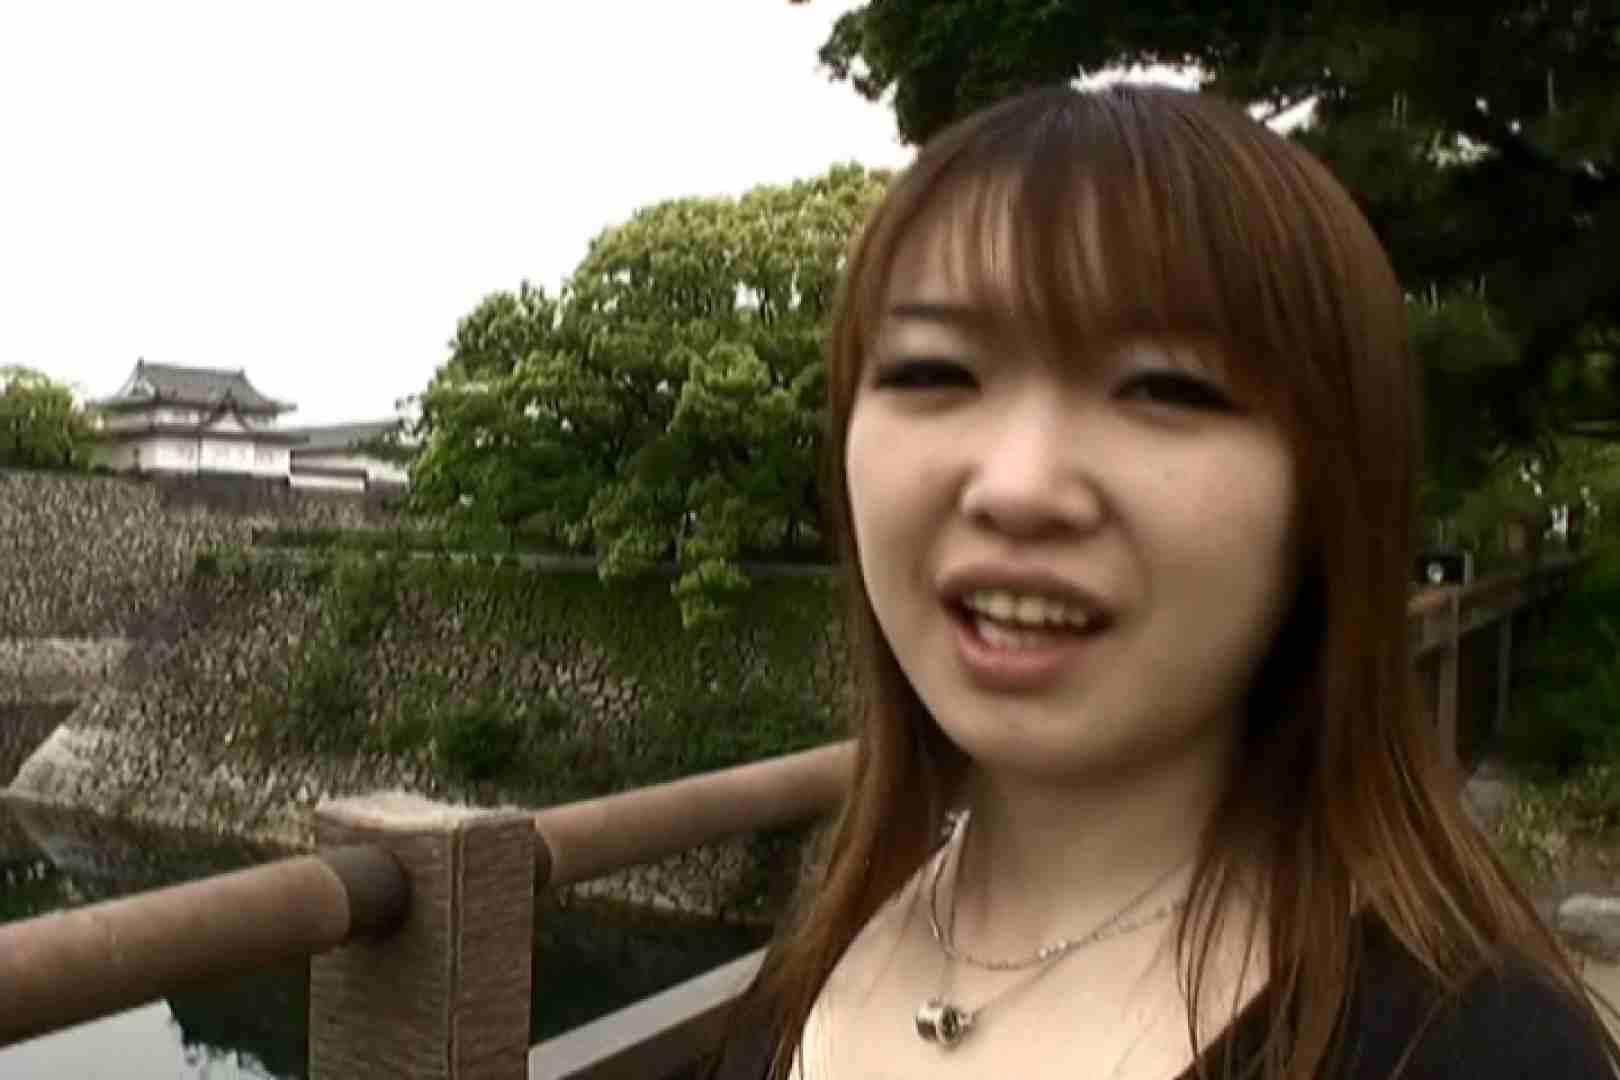 ハイビジョンパンチラ オッテQさんの追跡パンチラ階段編Vol.04 追跡 | OLのエロ生活  83連発 49